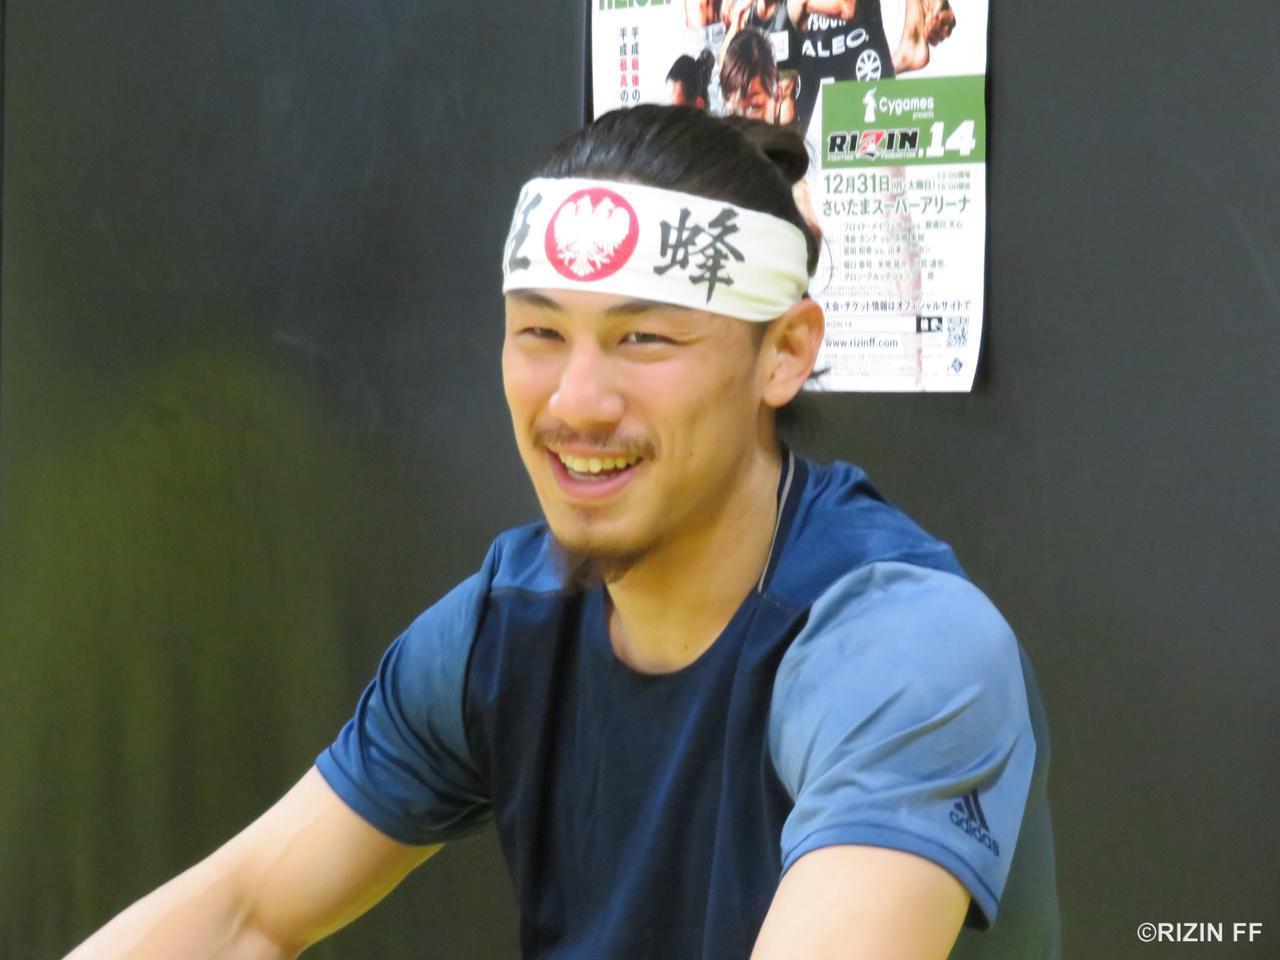 「総合格闘家としての完成度を高めるために時間をかけて準備をしてきた」と話す矢地祐介